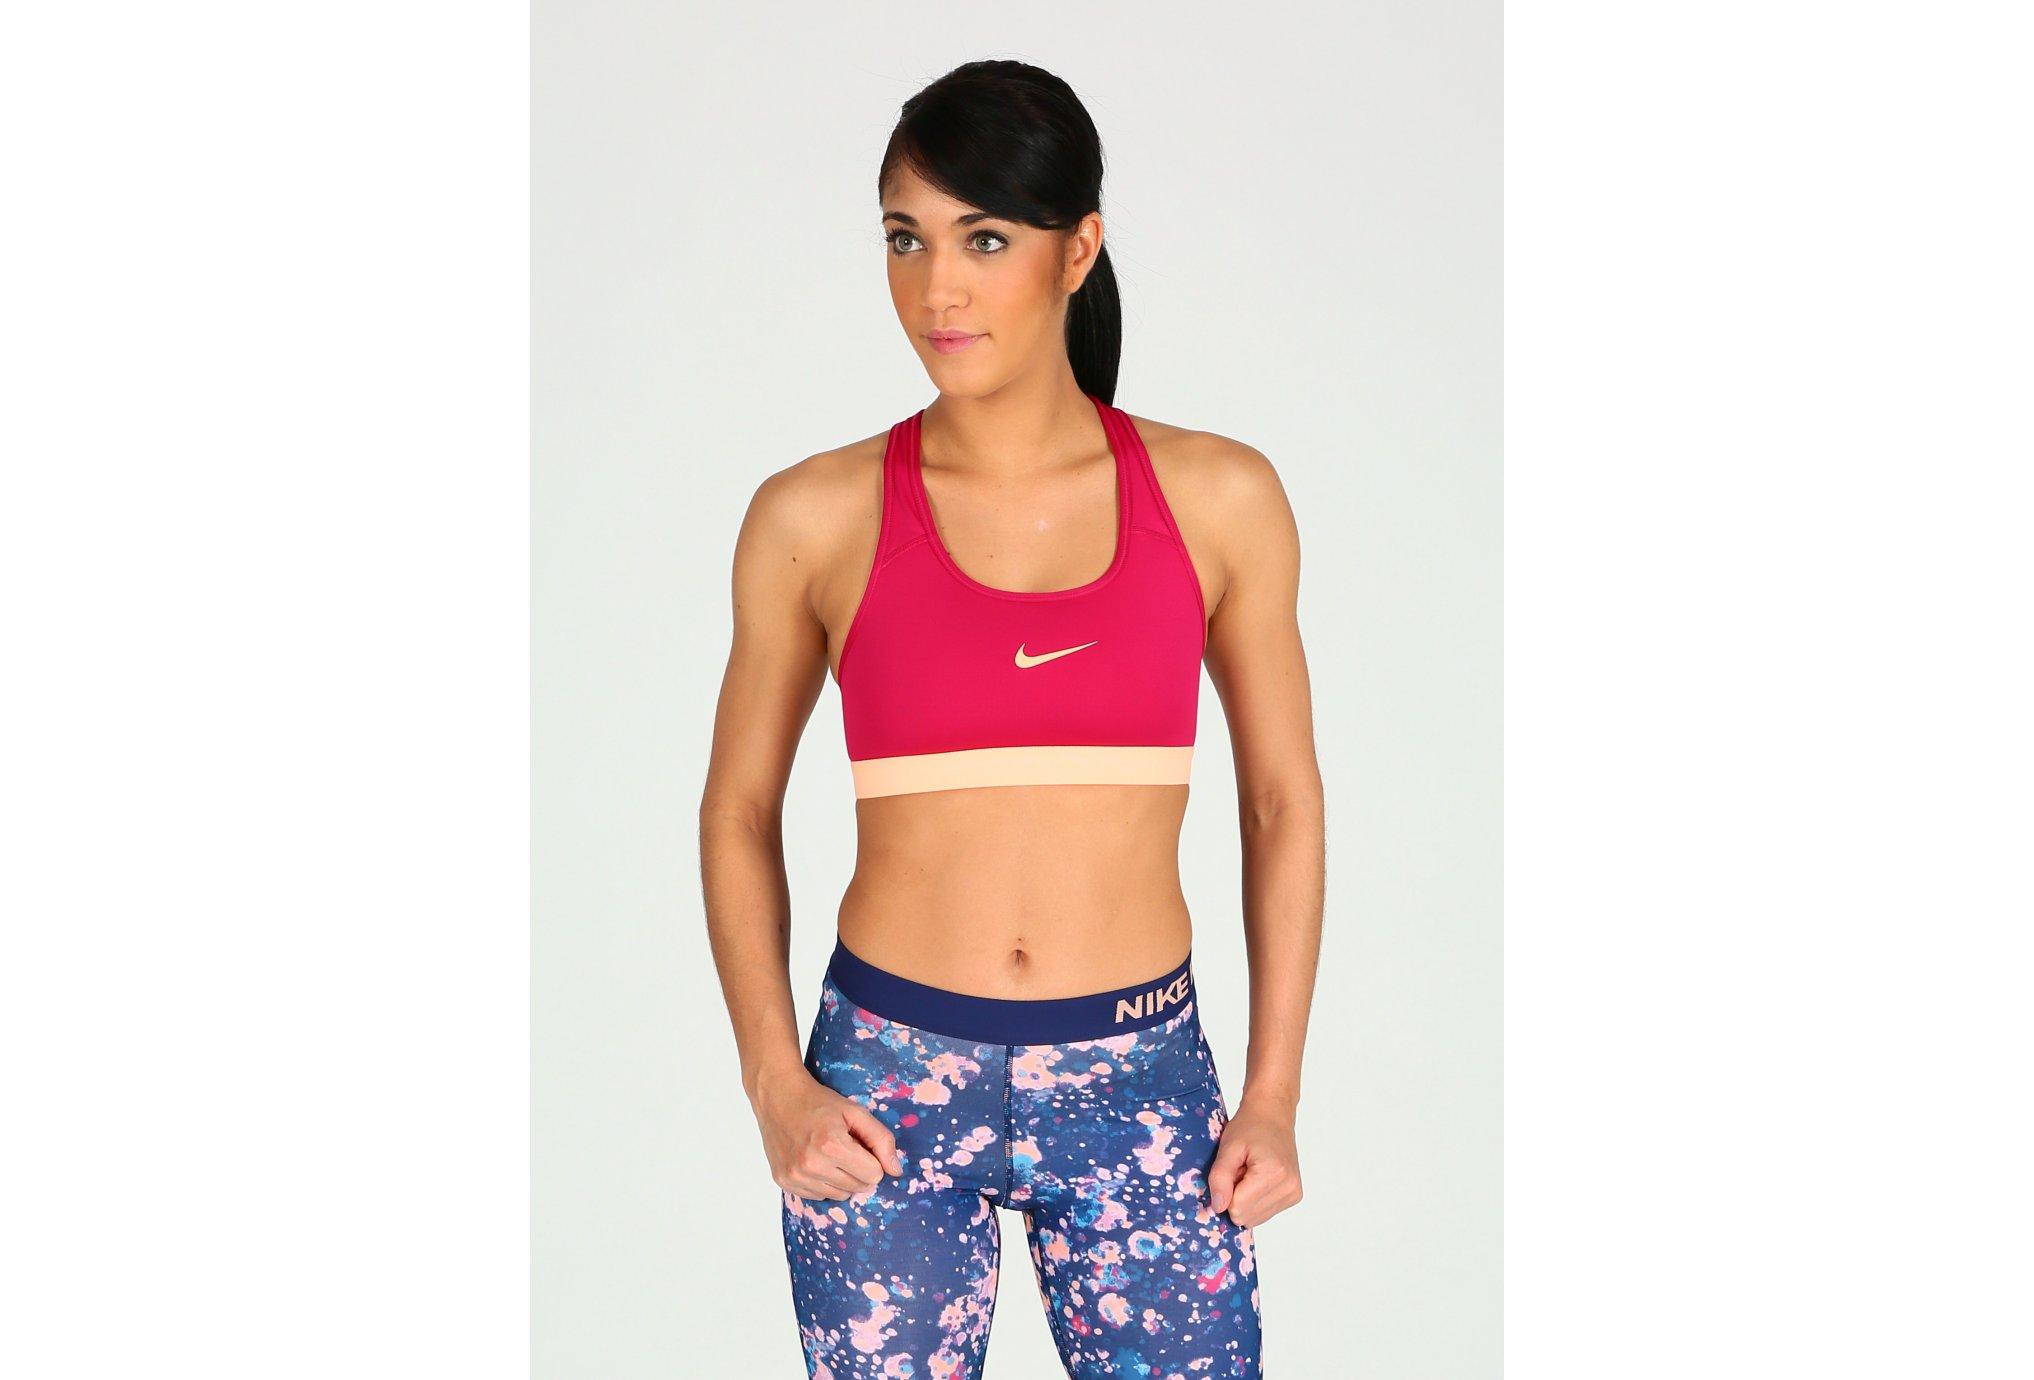 Nike Pro Classic Diététique Vêtements femme